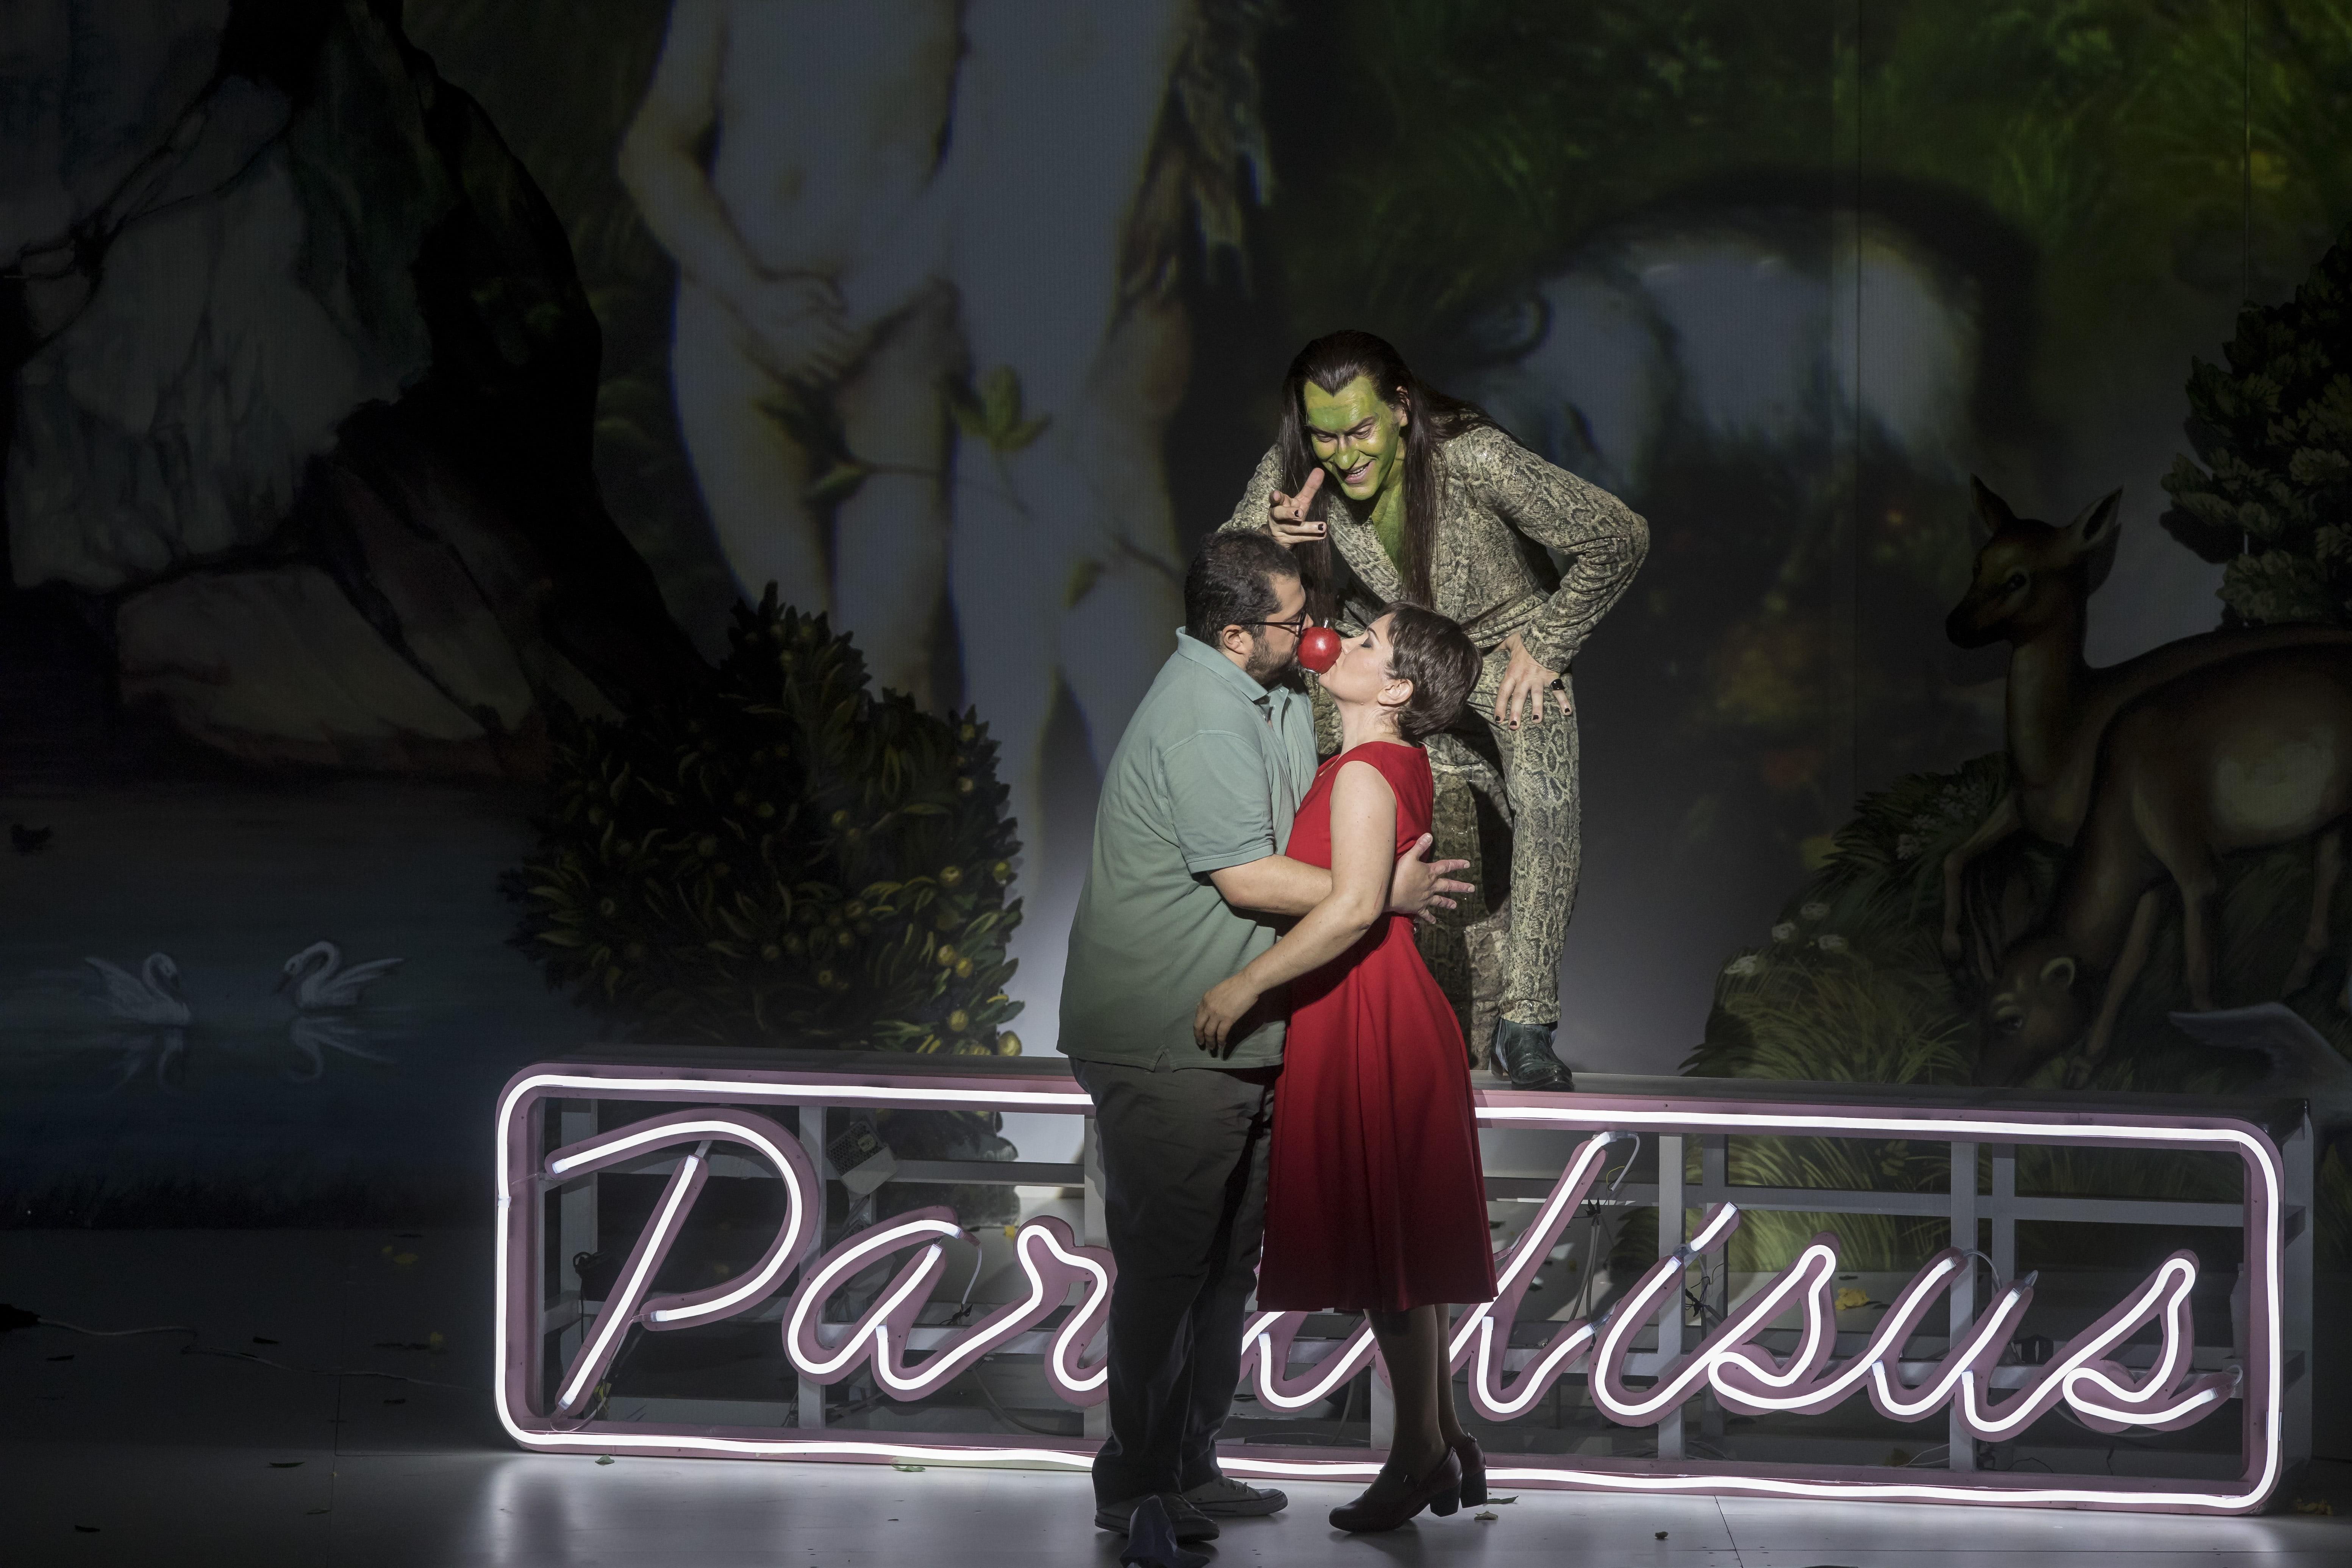 La Damnation de Faust, modernidad y exaltación en el Palau de les Arts. © Miguel Lorenzo y Mikel Ponce